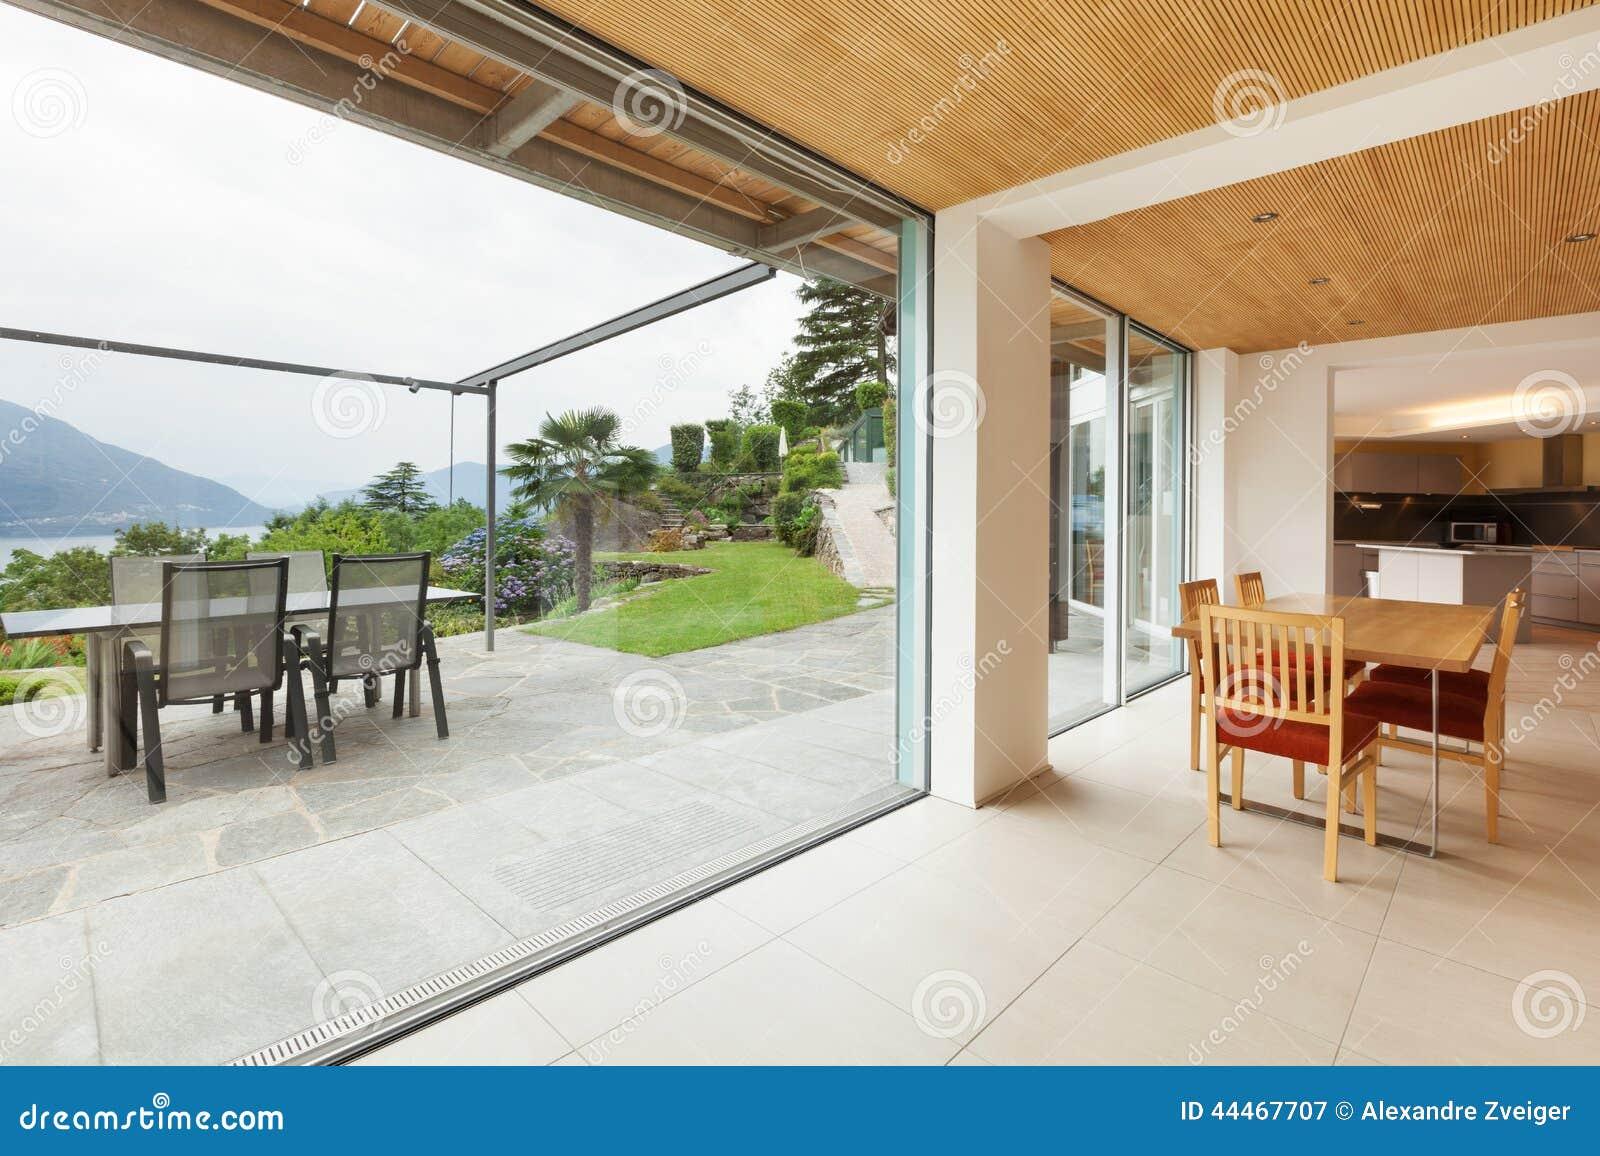 Interno sala da pranzo vista della veranda immagine for Sala da pranzo veranda